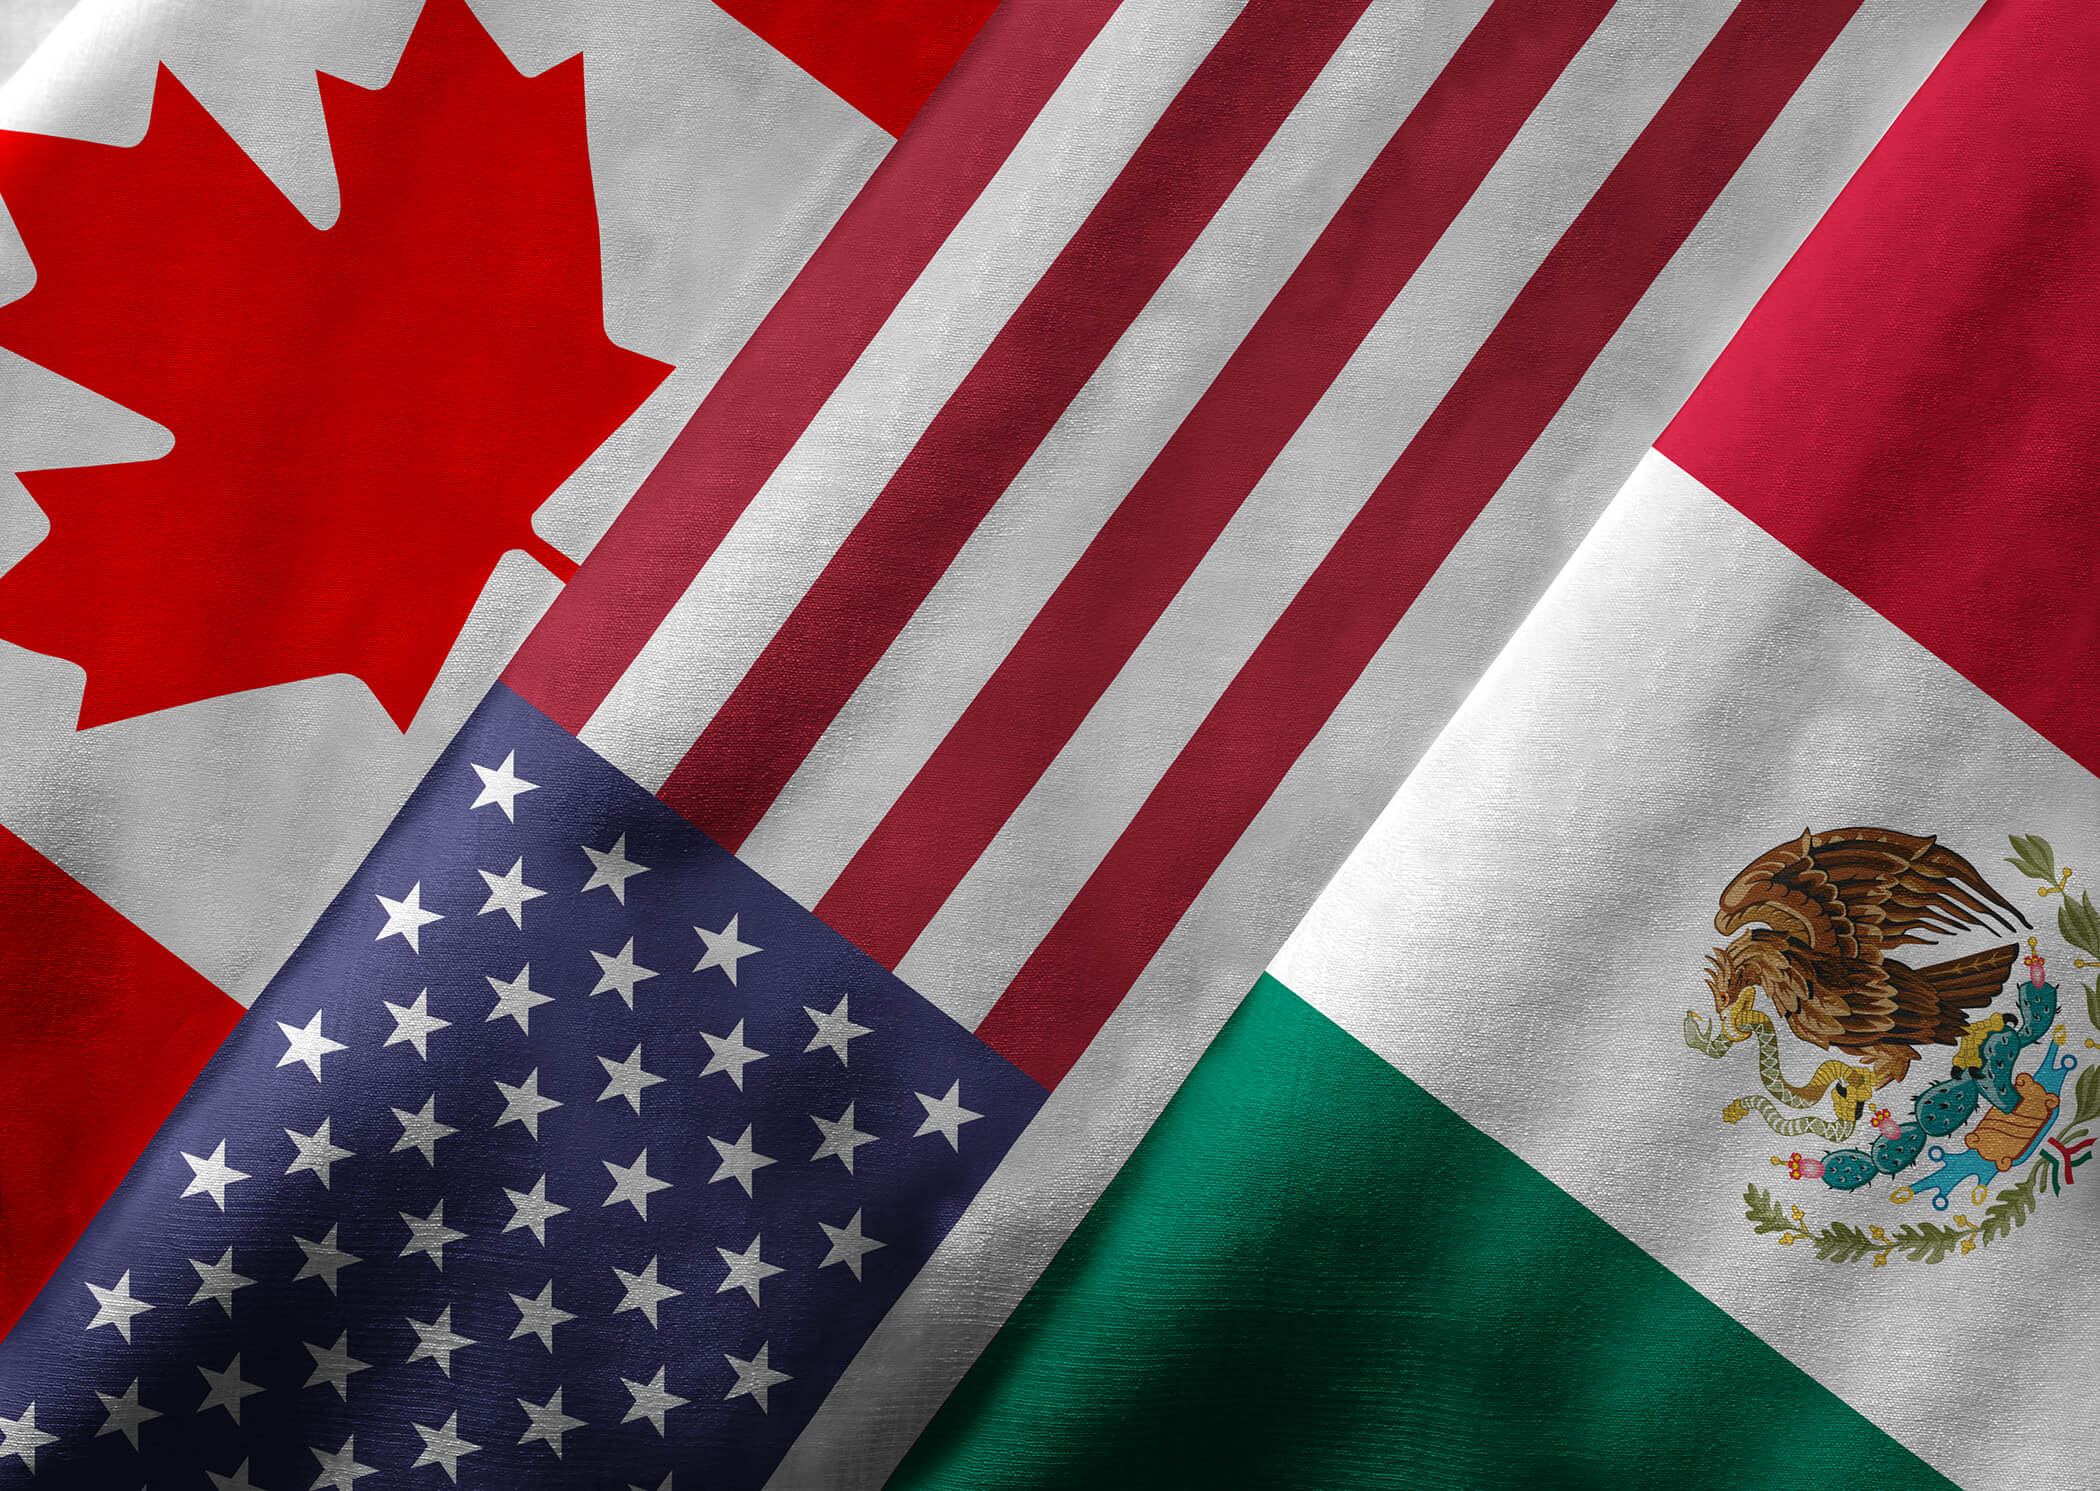 كندا ترفض مقترح ترامب بشأن اتفاقية النافتا